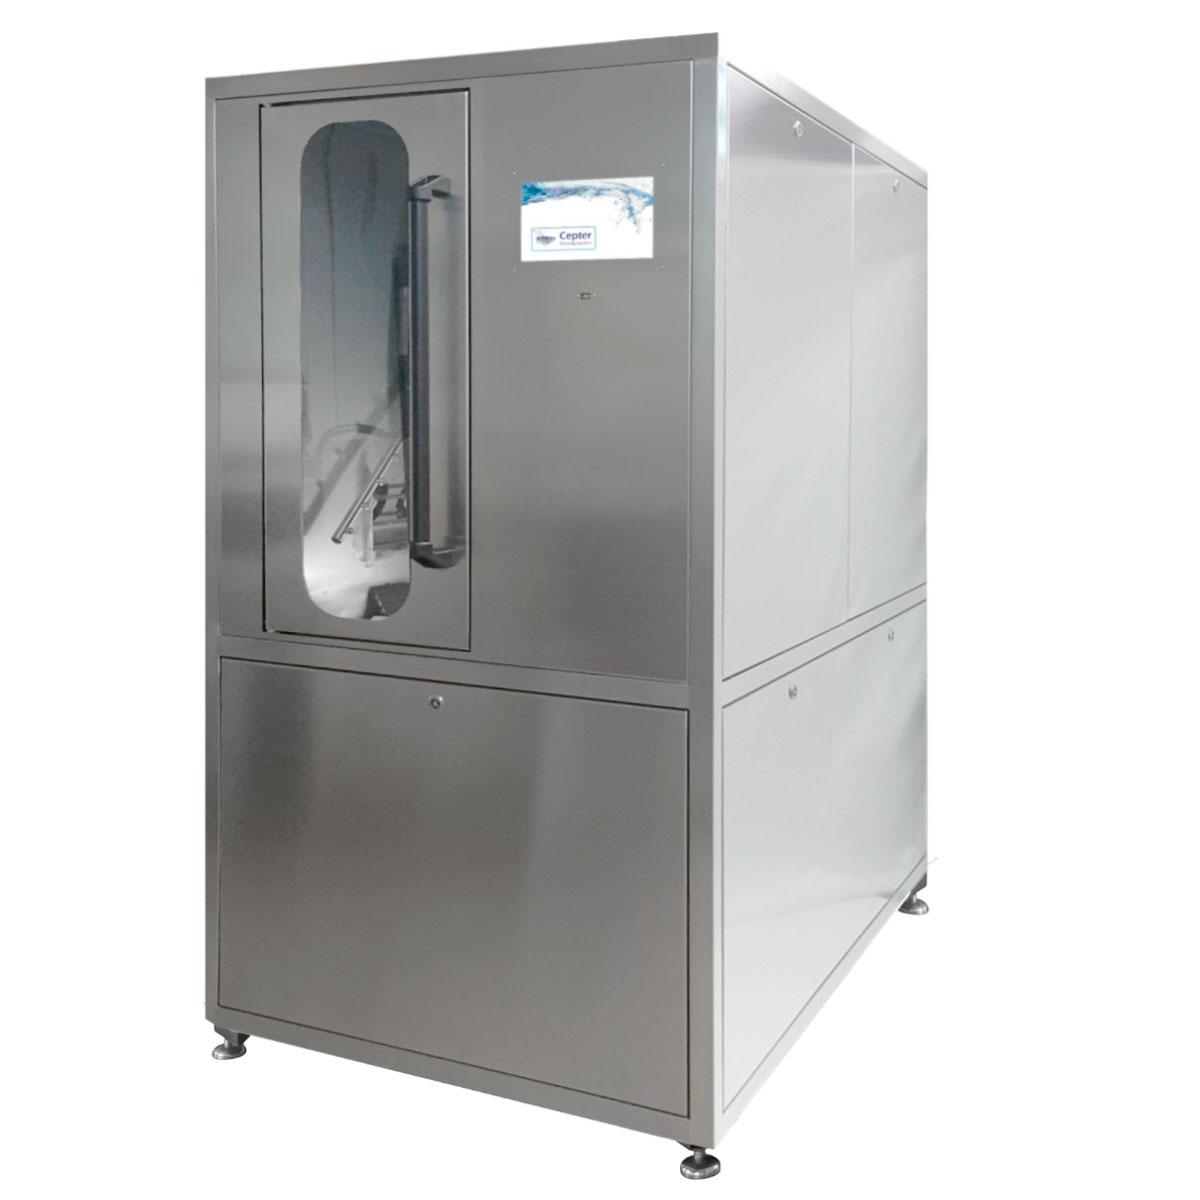 CEPTER Electron 400-VC ꜛ установка бестеневой струйной отмывки